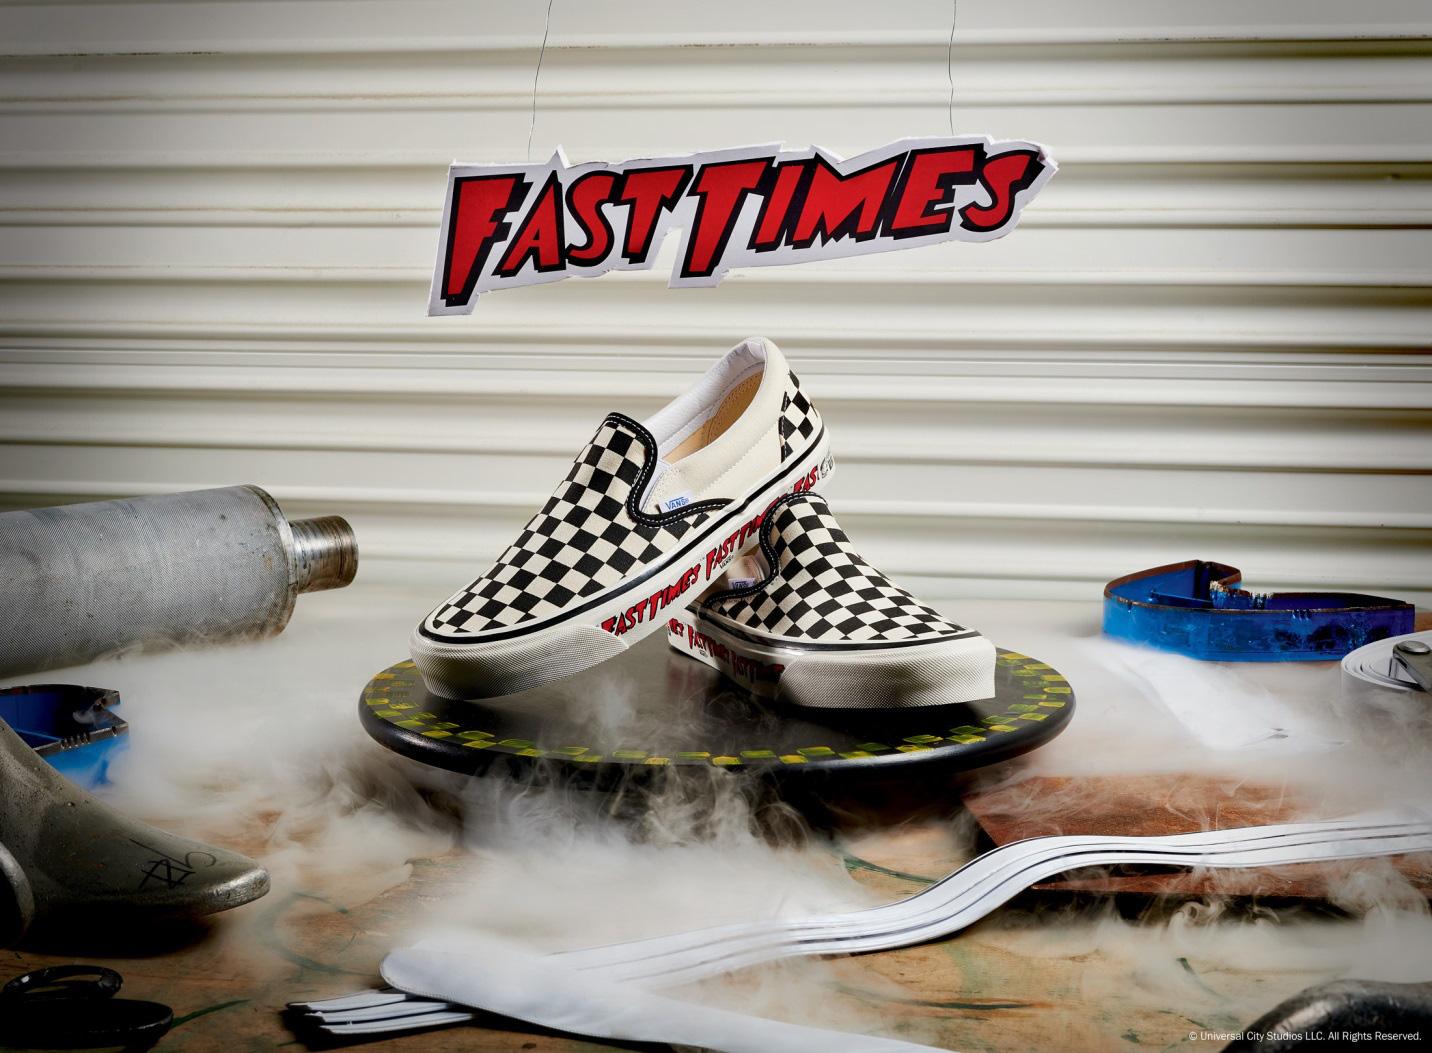 Vans x Fast Times nhắc lại màn debut kinh điển của đôi Slip-on Checkerboard những năm 80 - Ảnh 1.